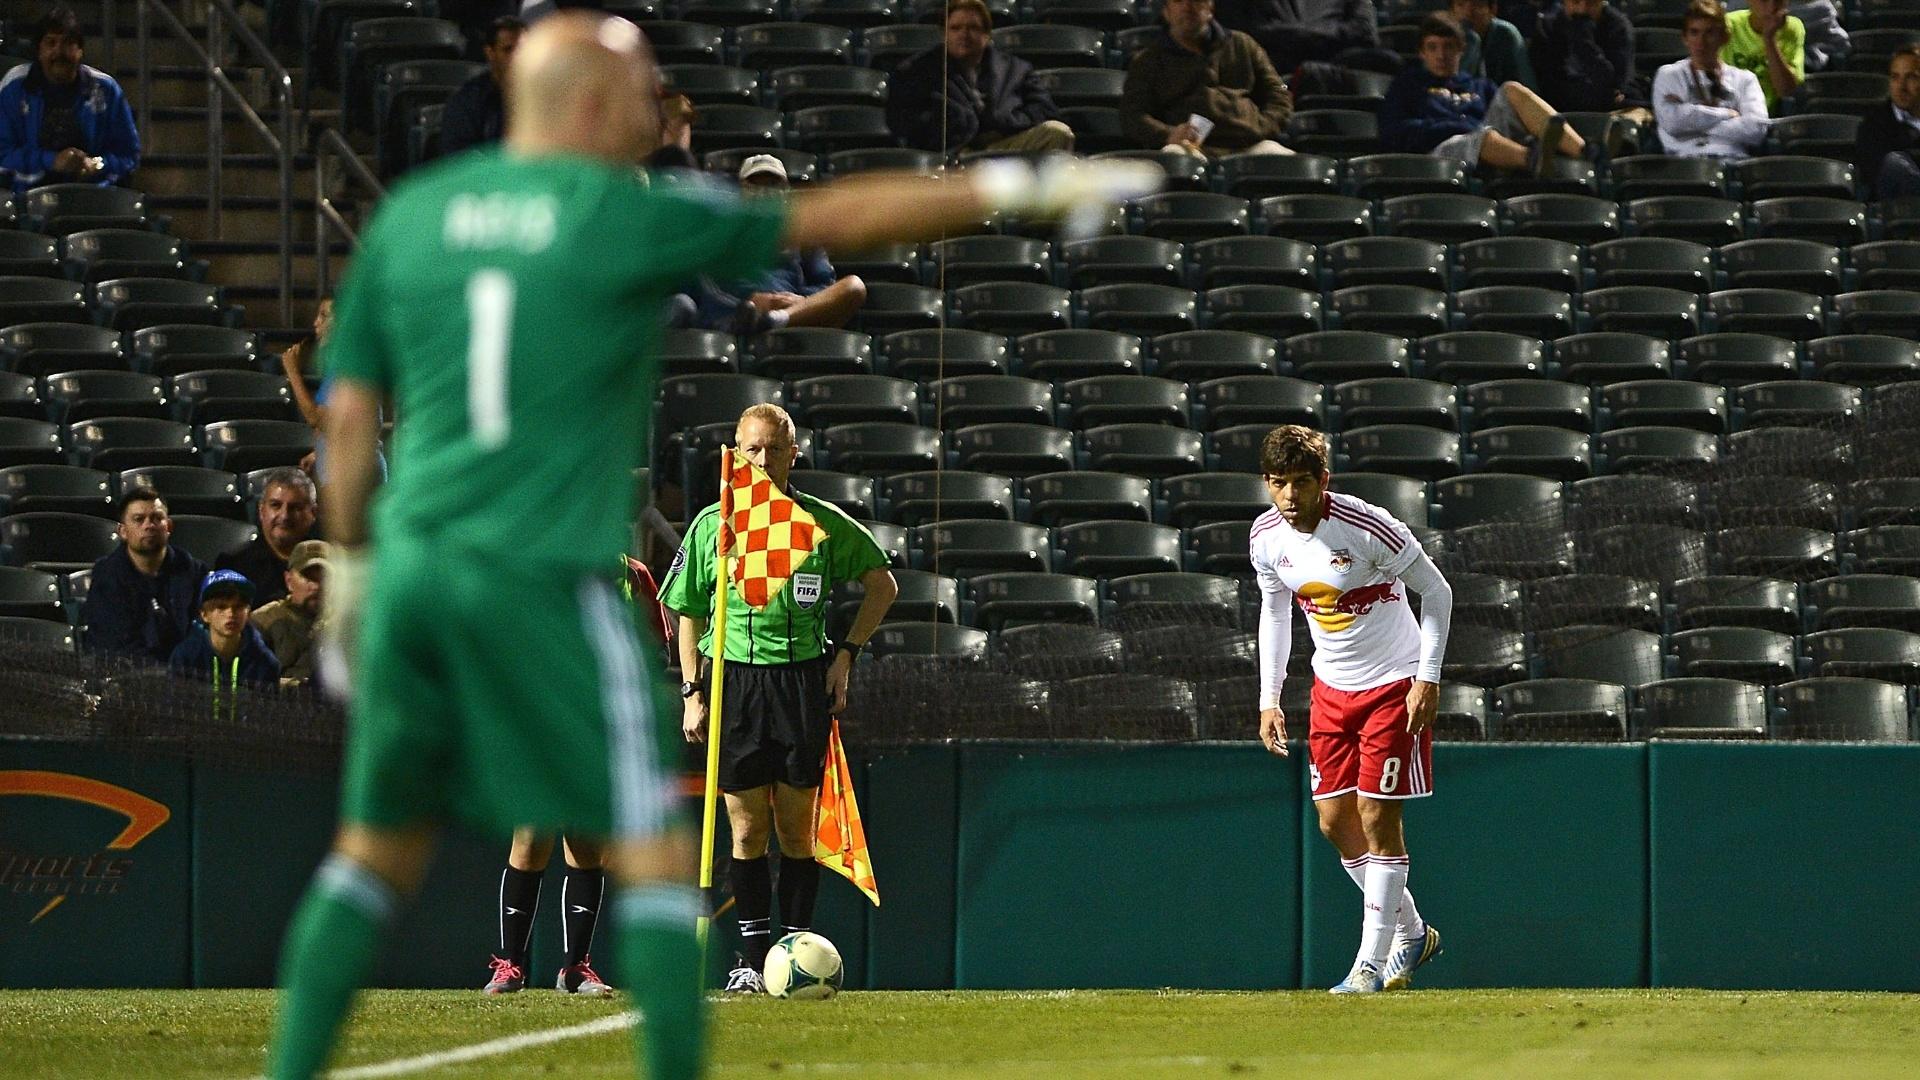 16.fev.2013 - Juninho Pernambucano, do New York Red Bulls, se prepara para cobrar escanteio contra o New England Revolution, na pré-temporada da MLS